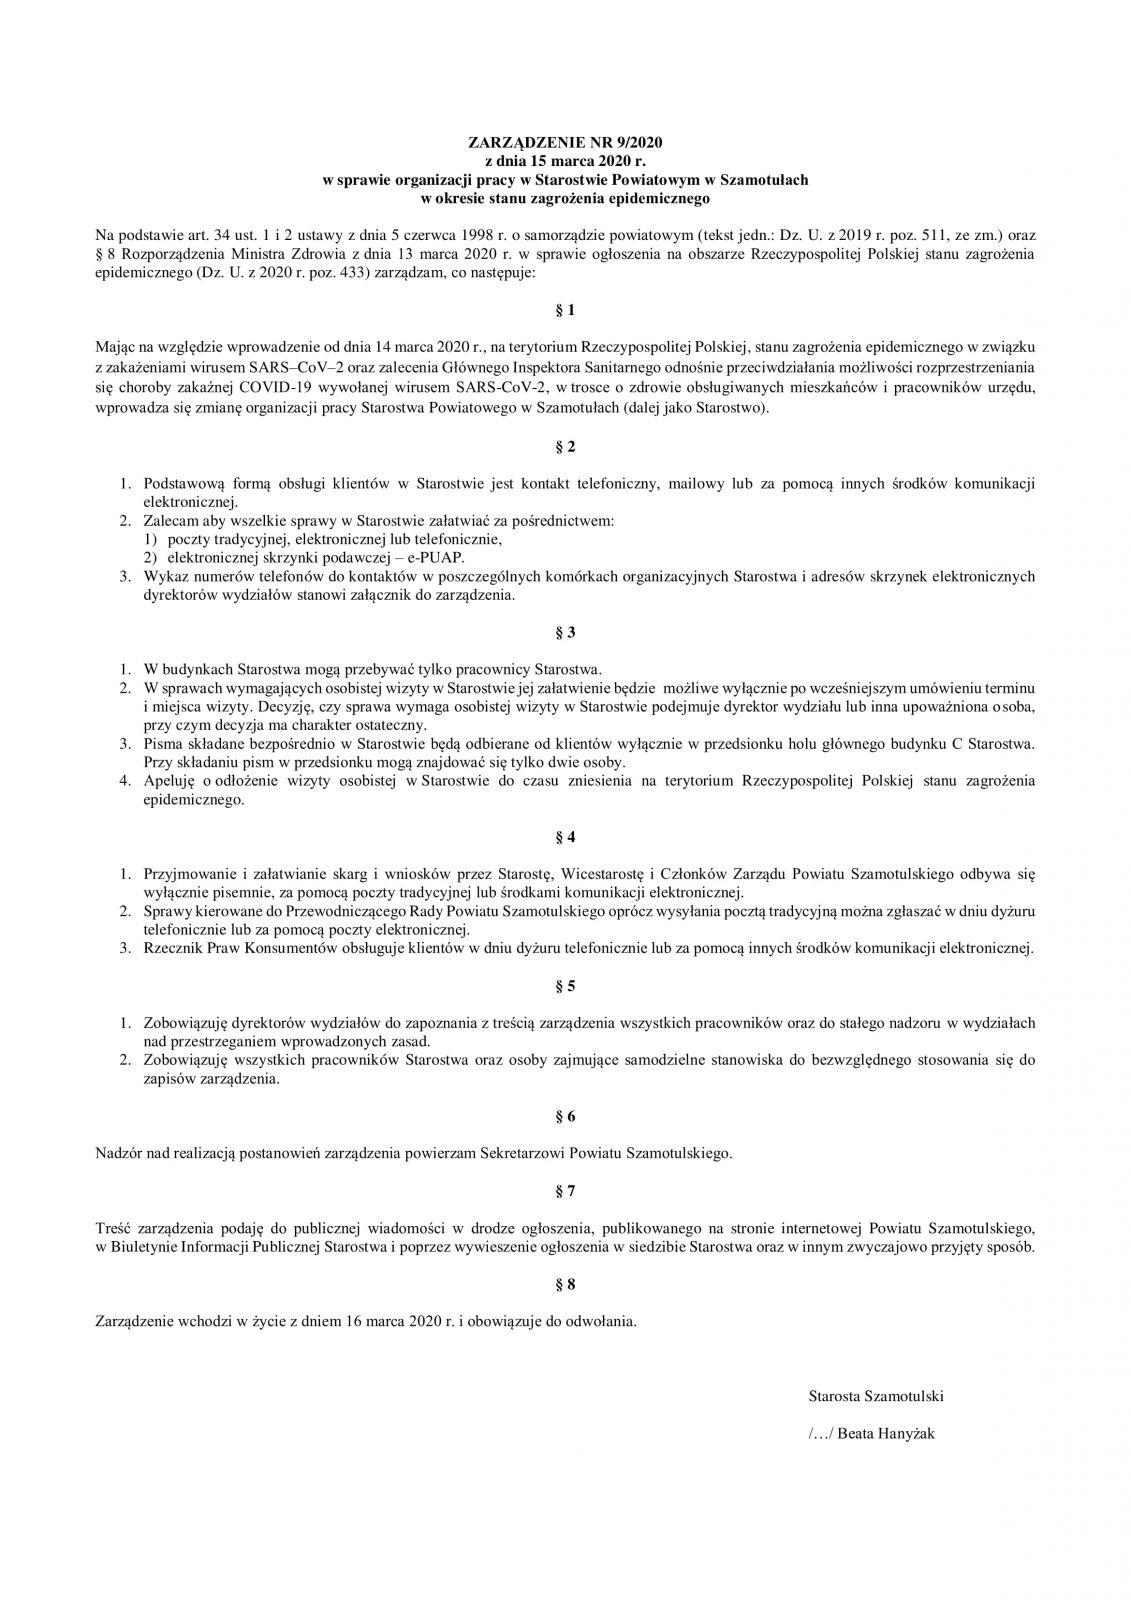 Zarządzenie Starosty z dn. 15.03.2020 r.